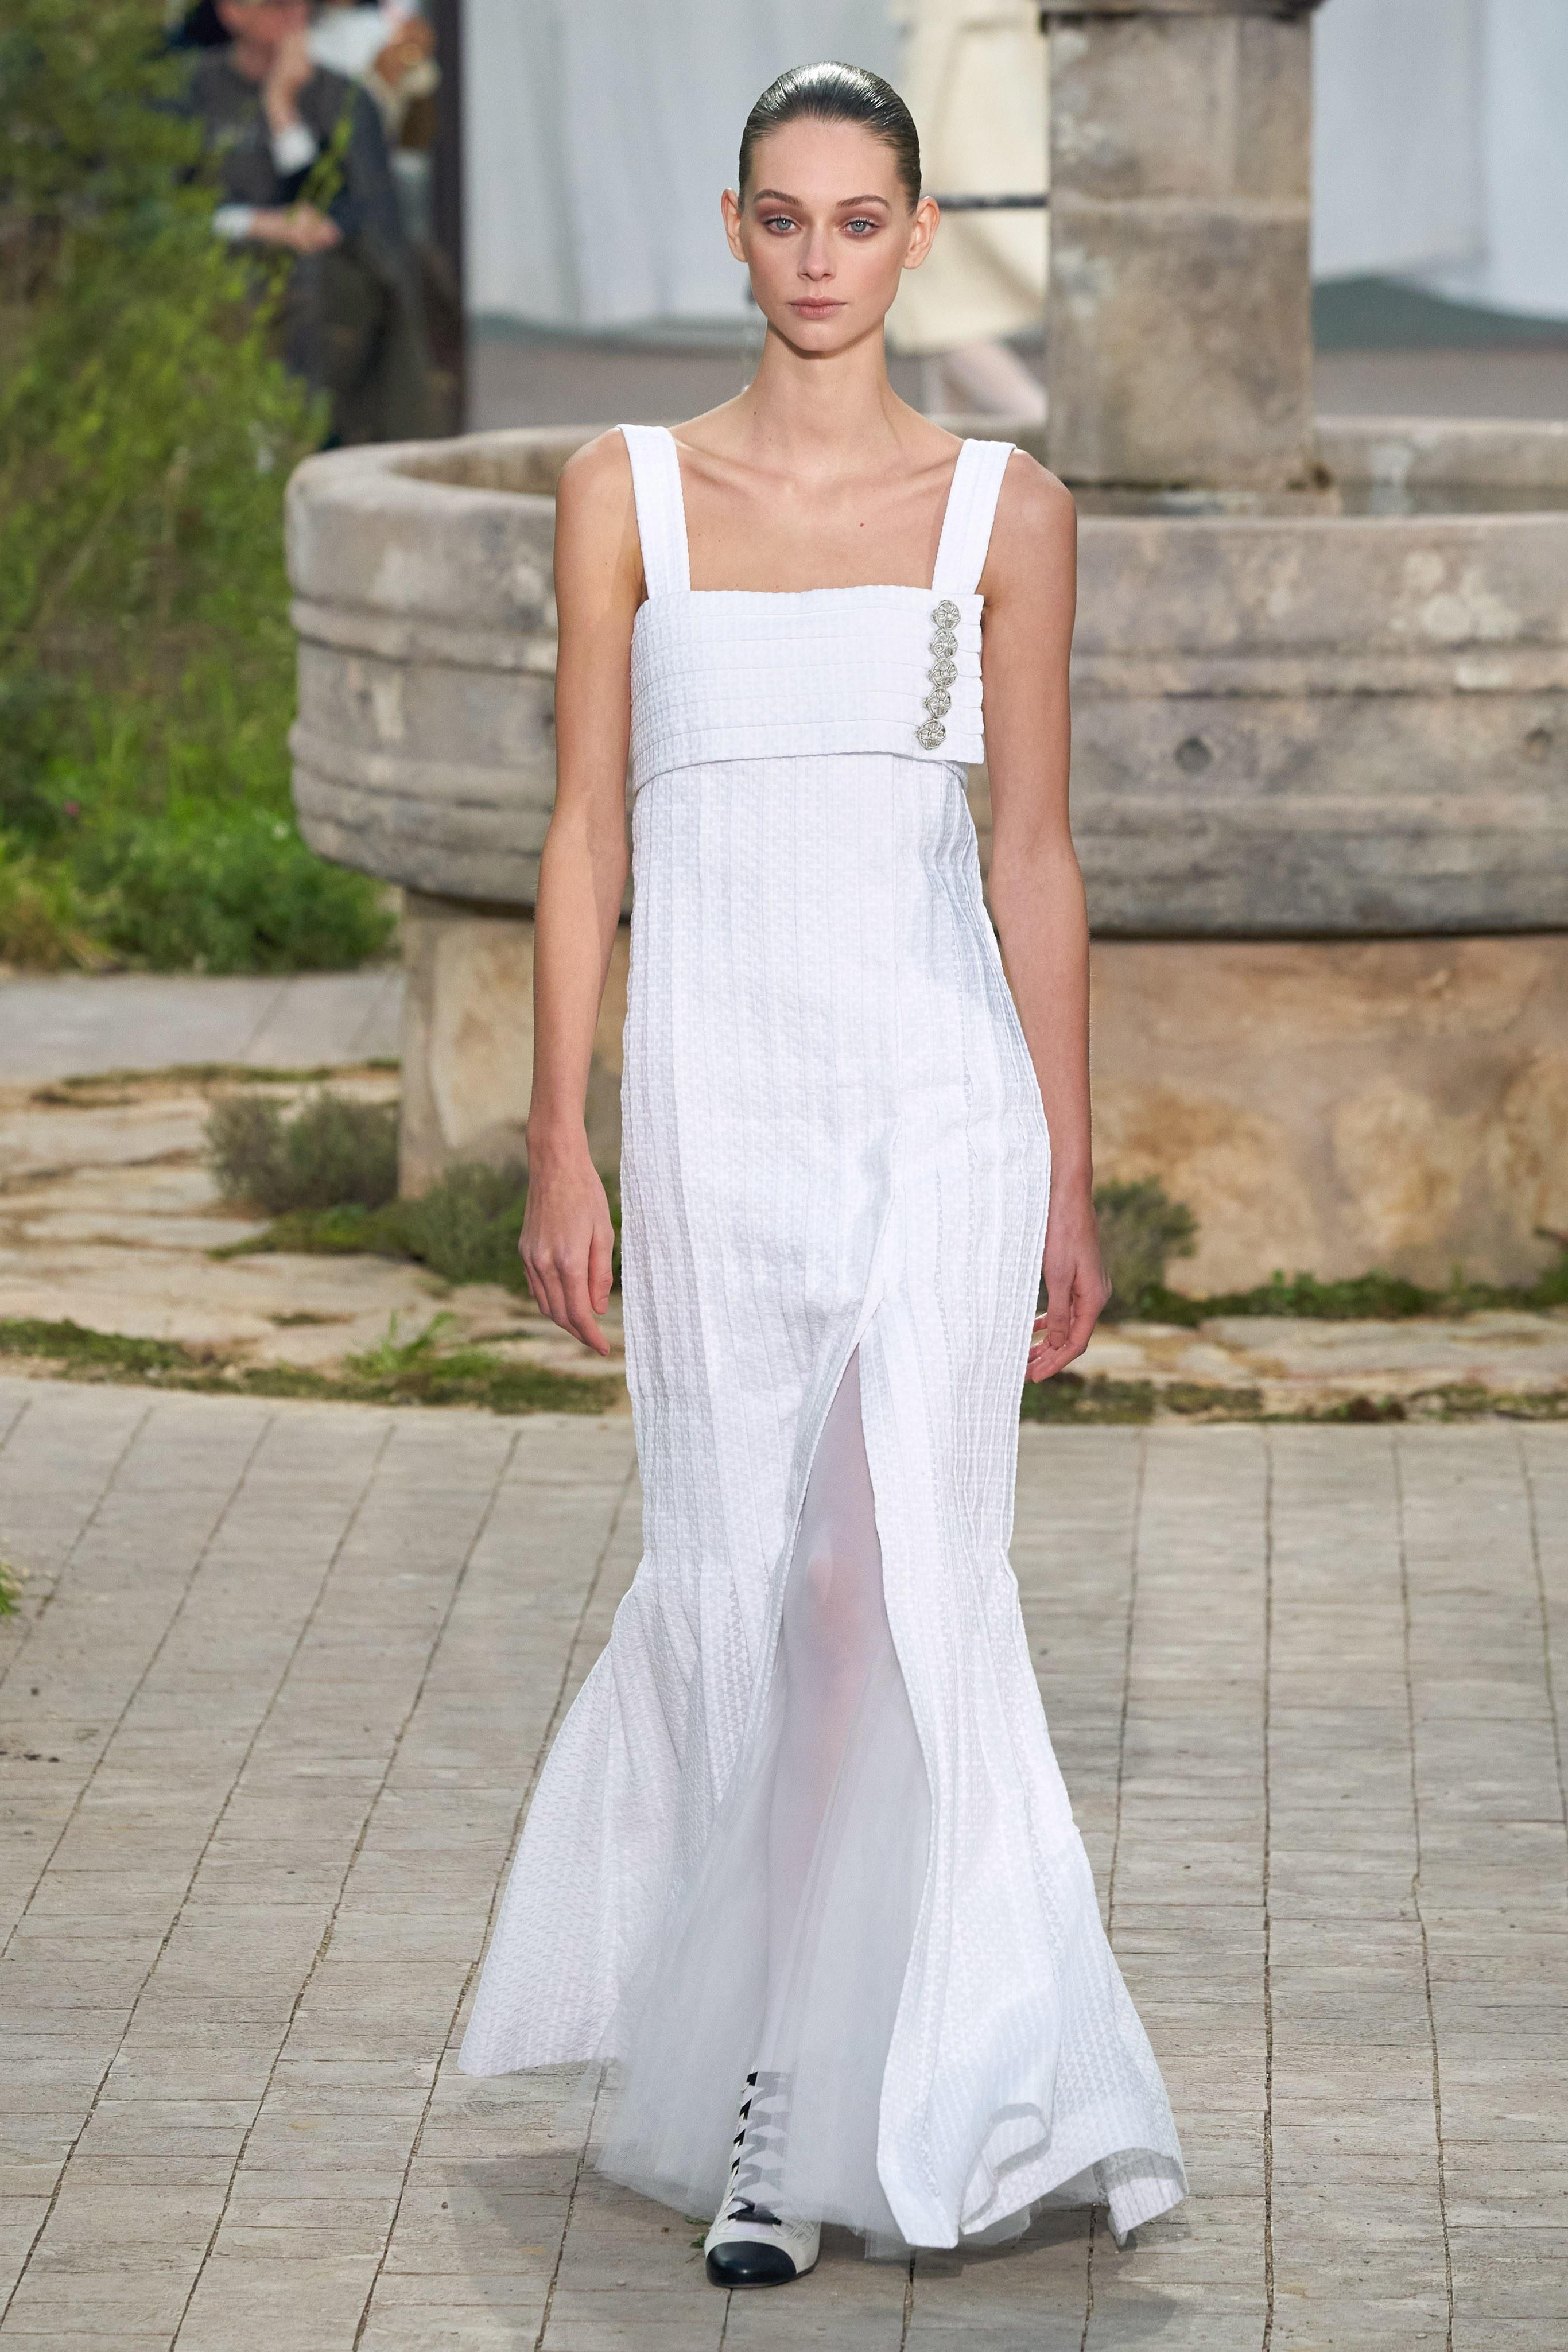 chanel haute couture 2020 ss Virginie Viard paris show